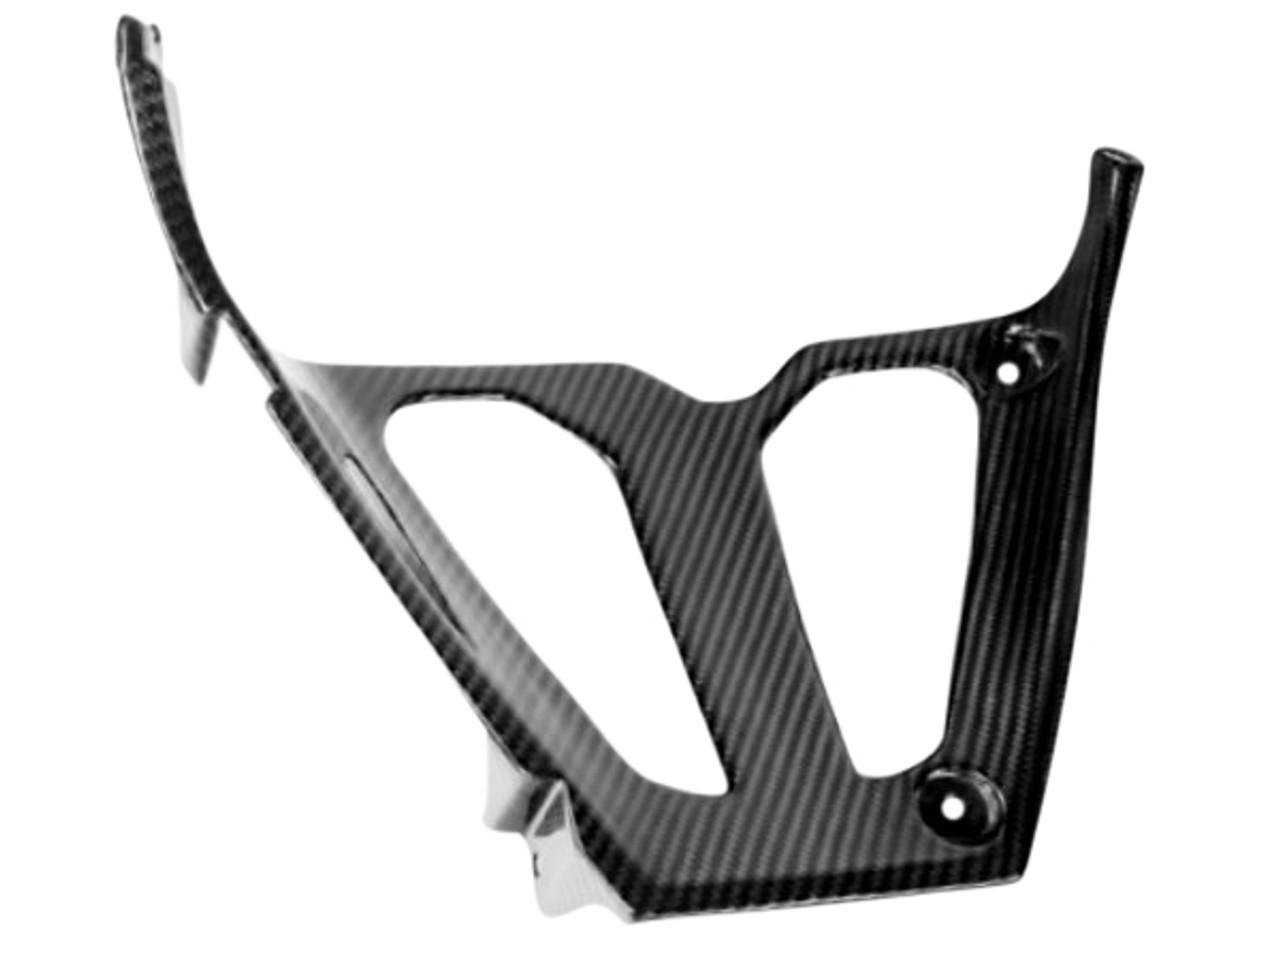 Triangle Fairing in 100% Carbon Fiber for Suzuki GSXR 600, GSXR 750  2004-2005